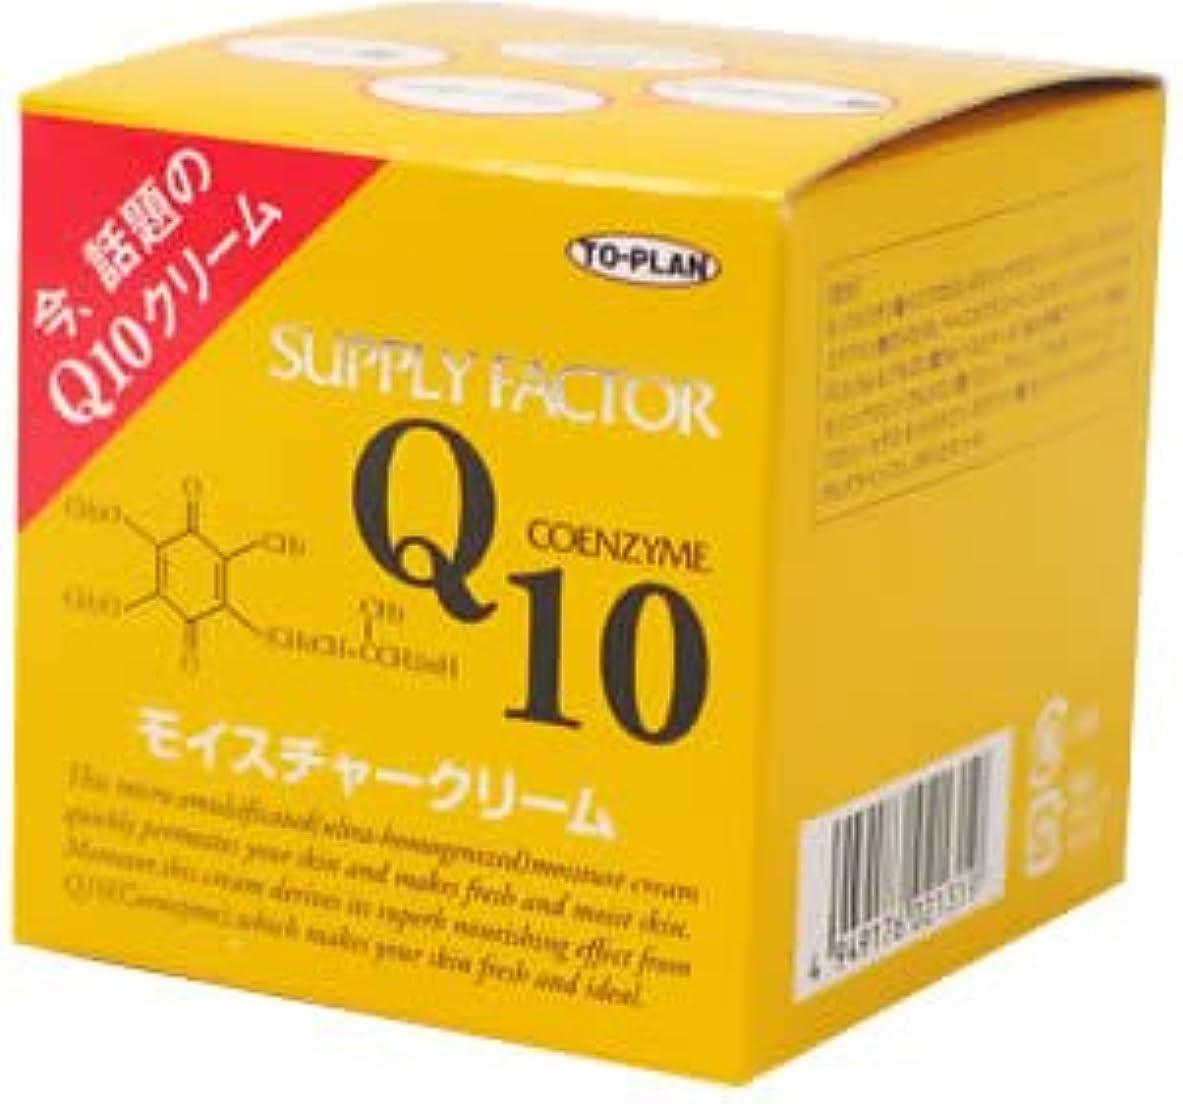 仮説一見電子レンジTO-PLAN(トプラン) Q10モイスチャークリーム 110g